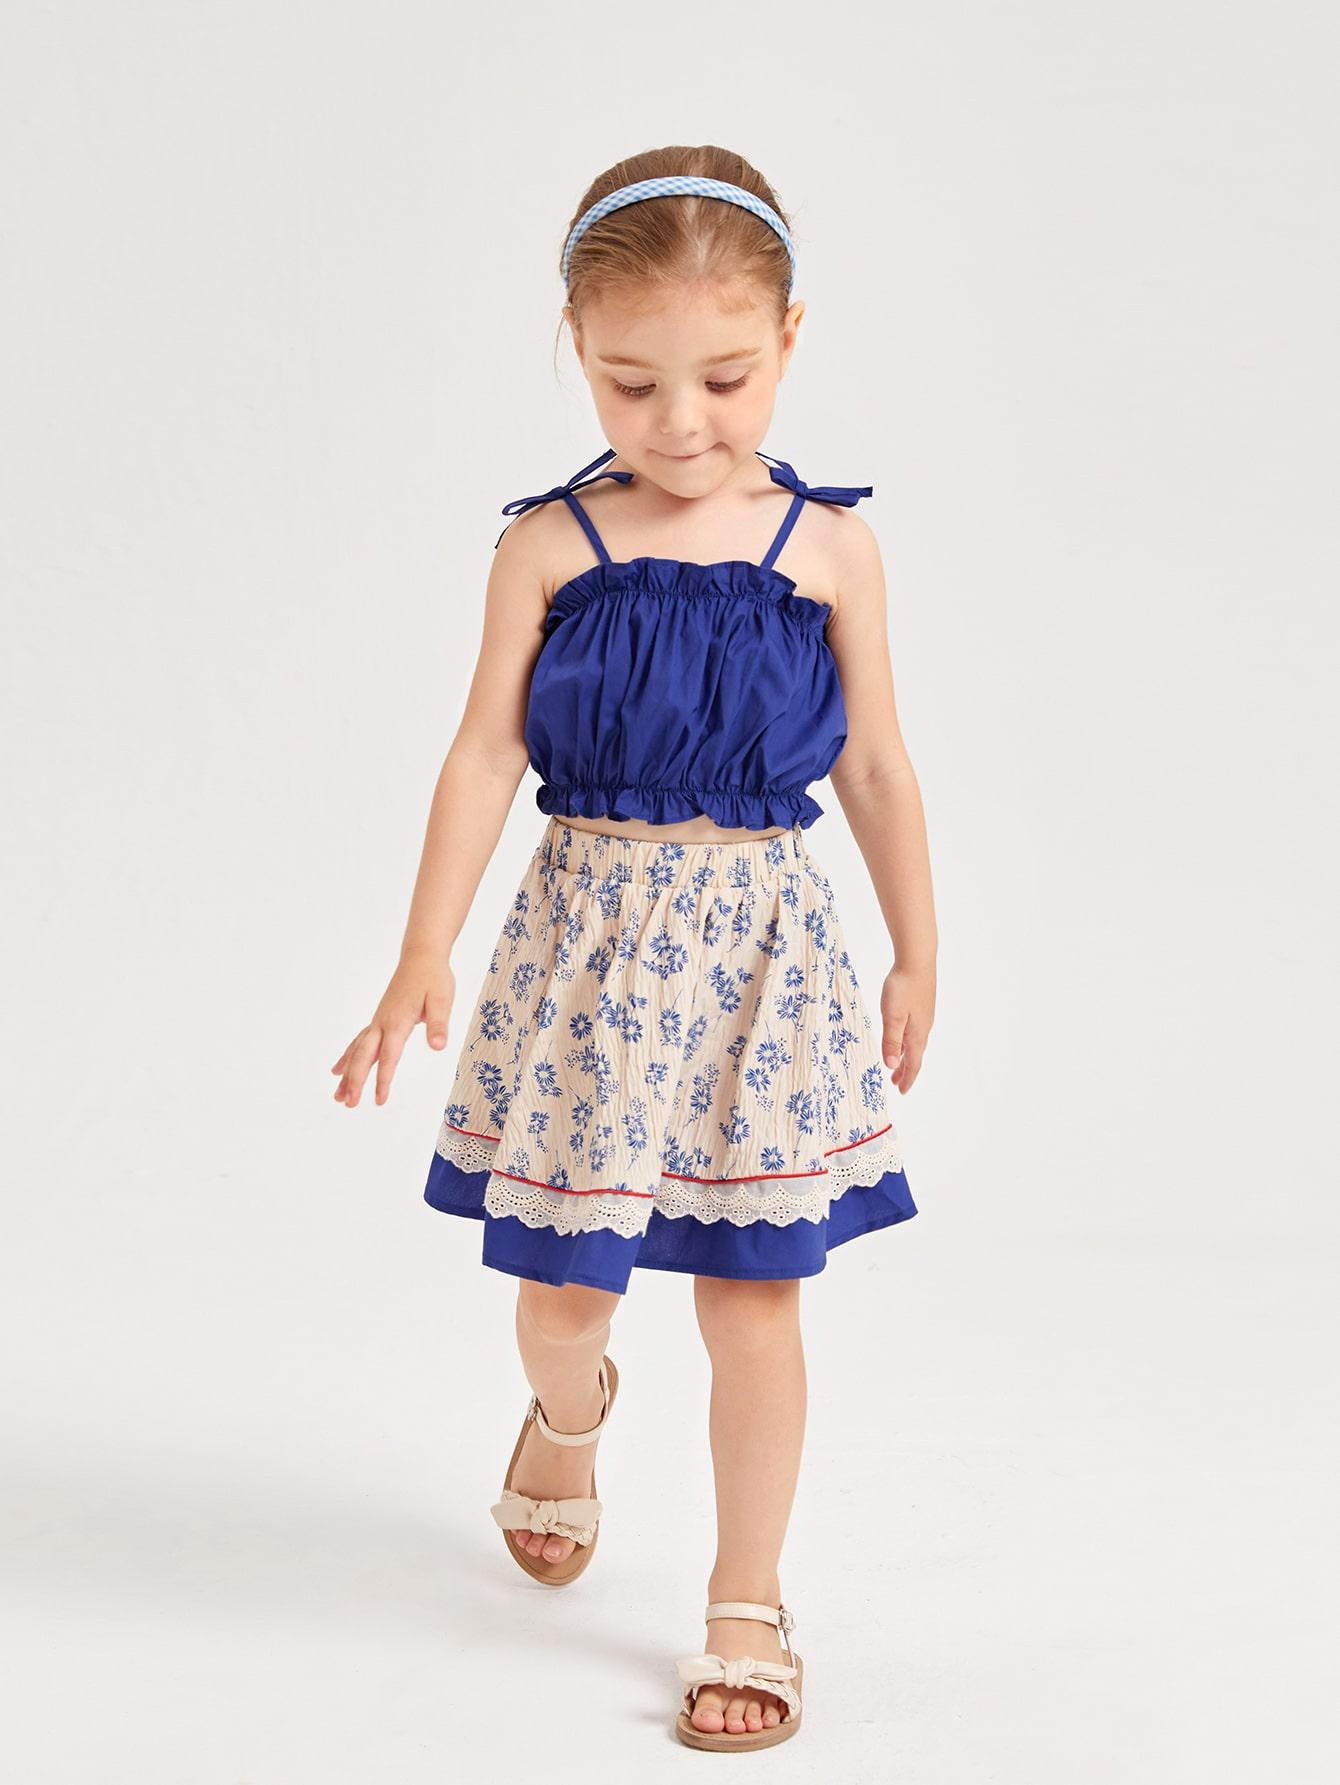 Toddler Girls Tie Shoulder Cami Top And Floral Skirt Set